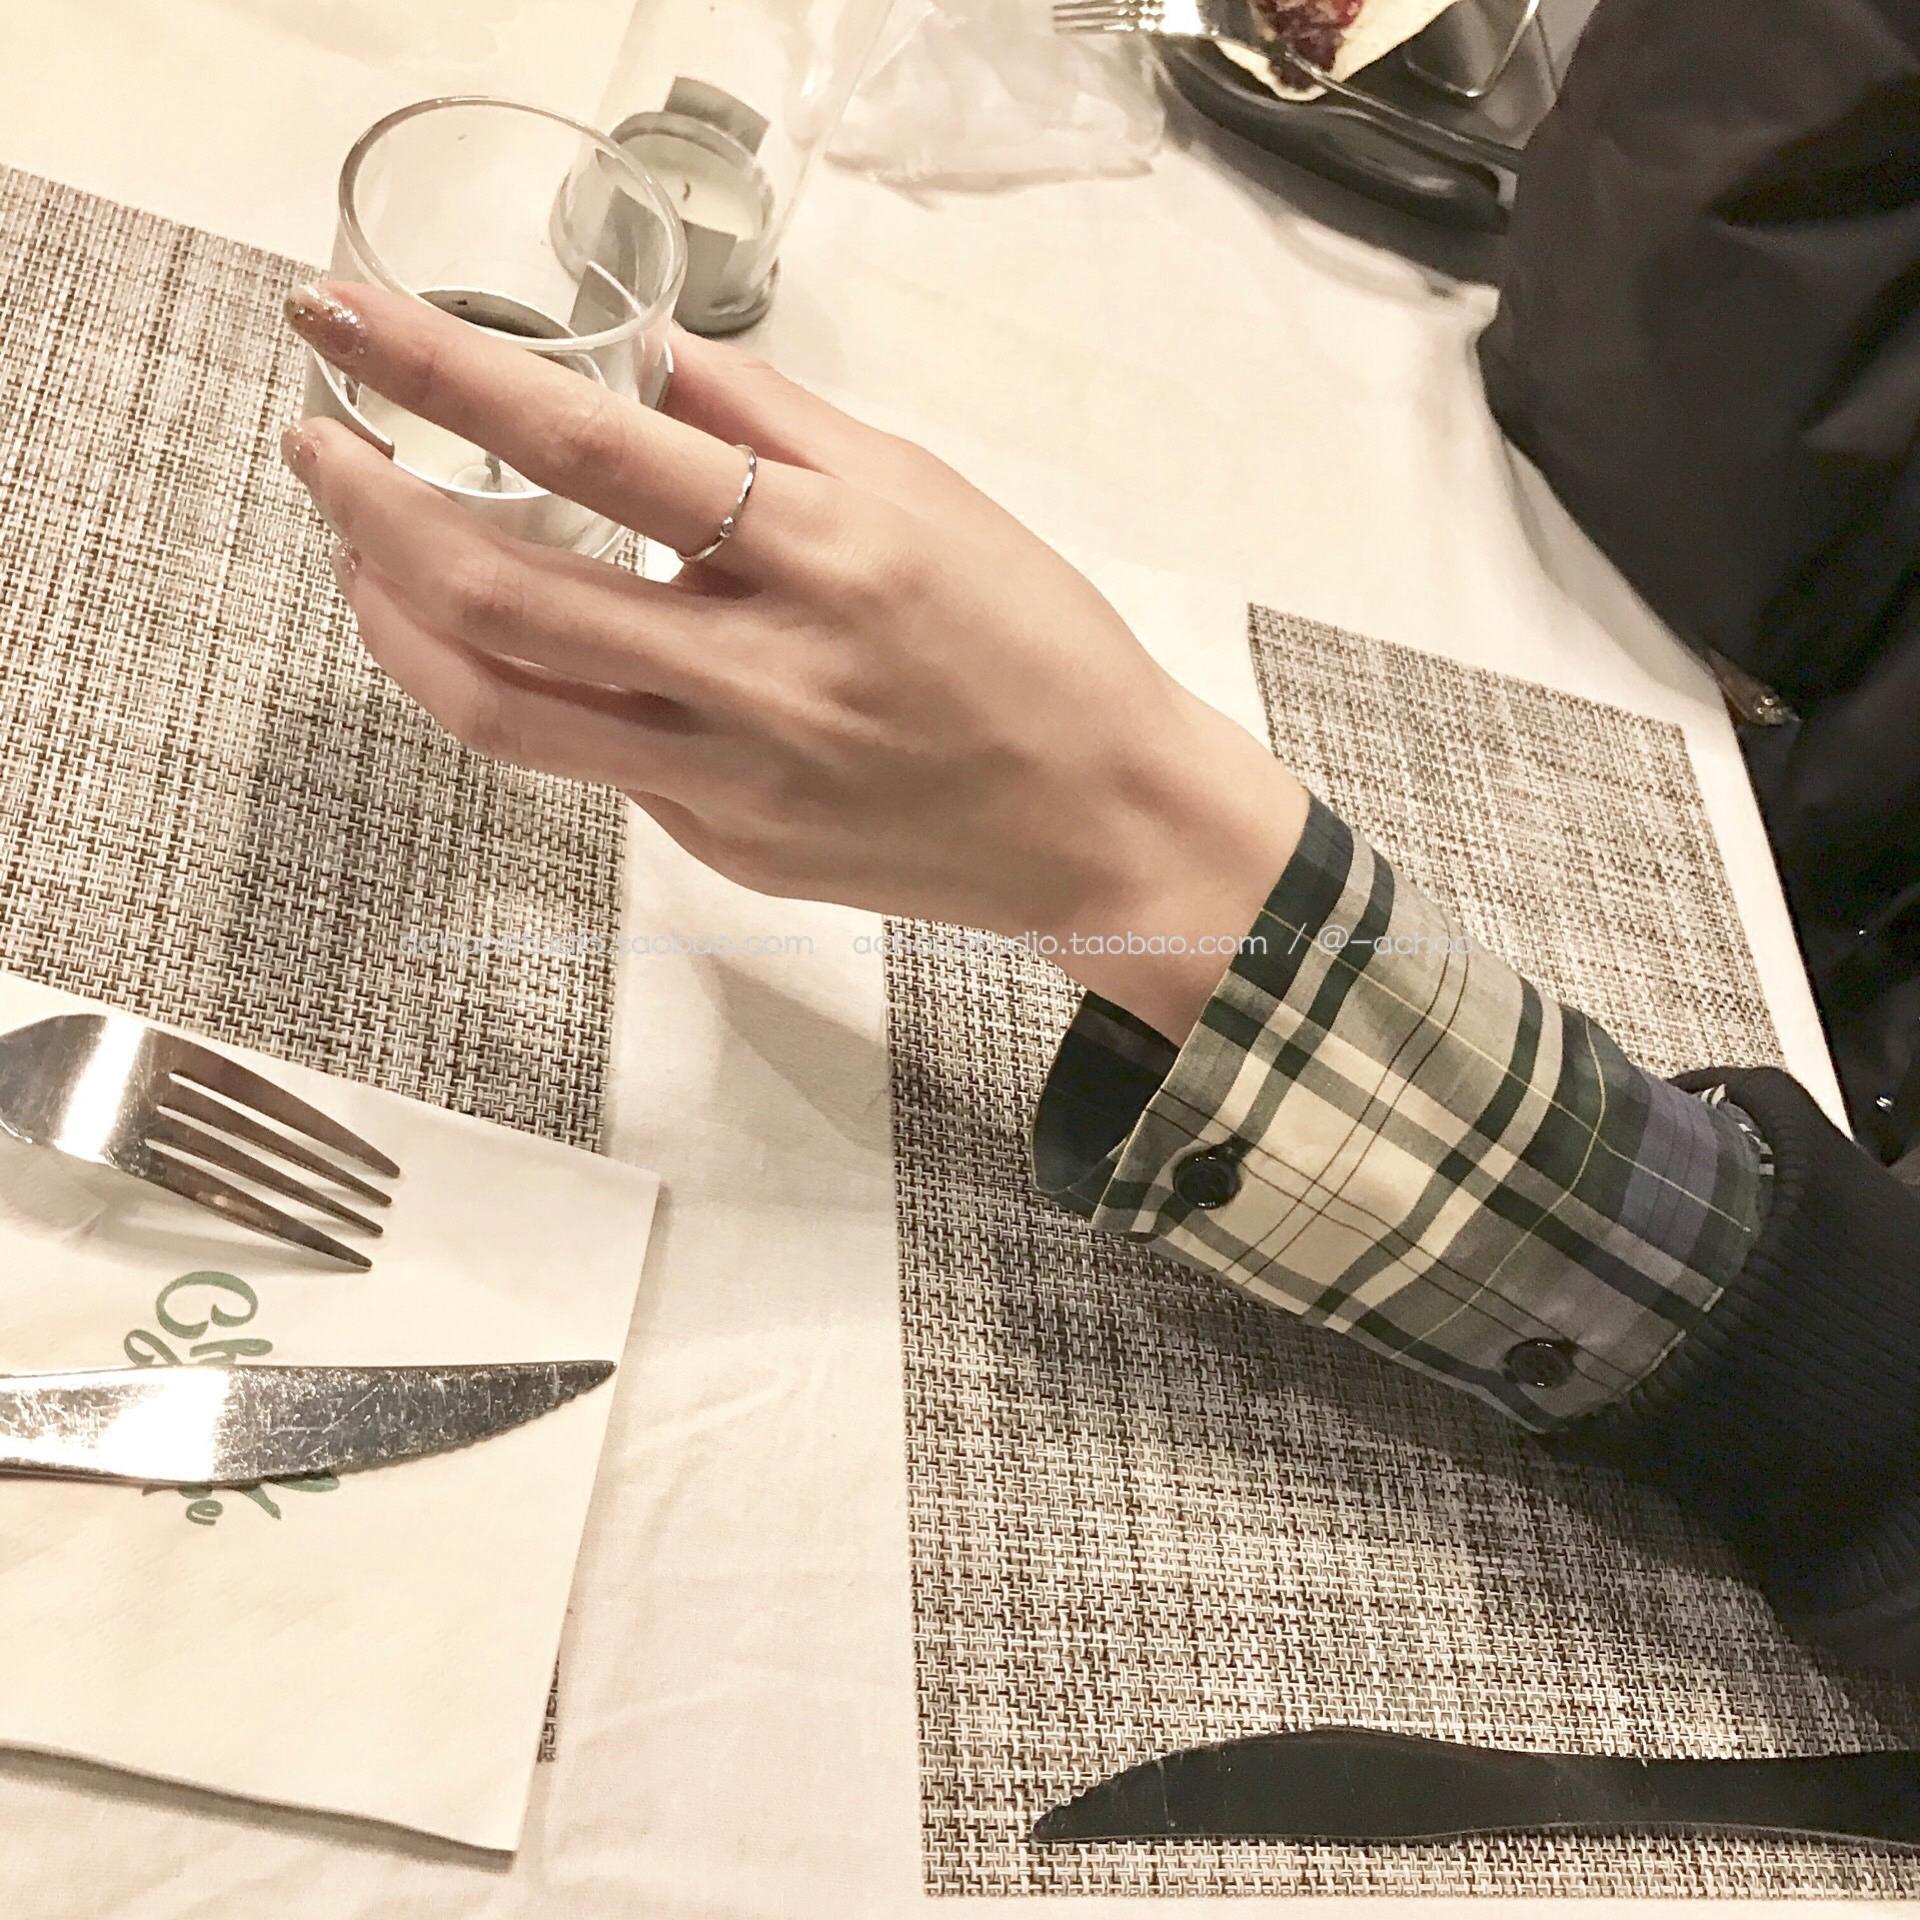 ACHOO / 人手一只极简细戒指迷你锆石戒指百搭纯银不褪色